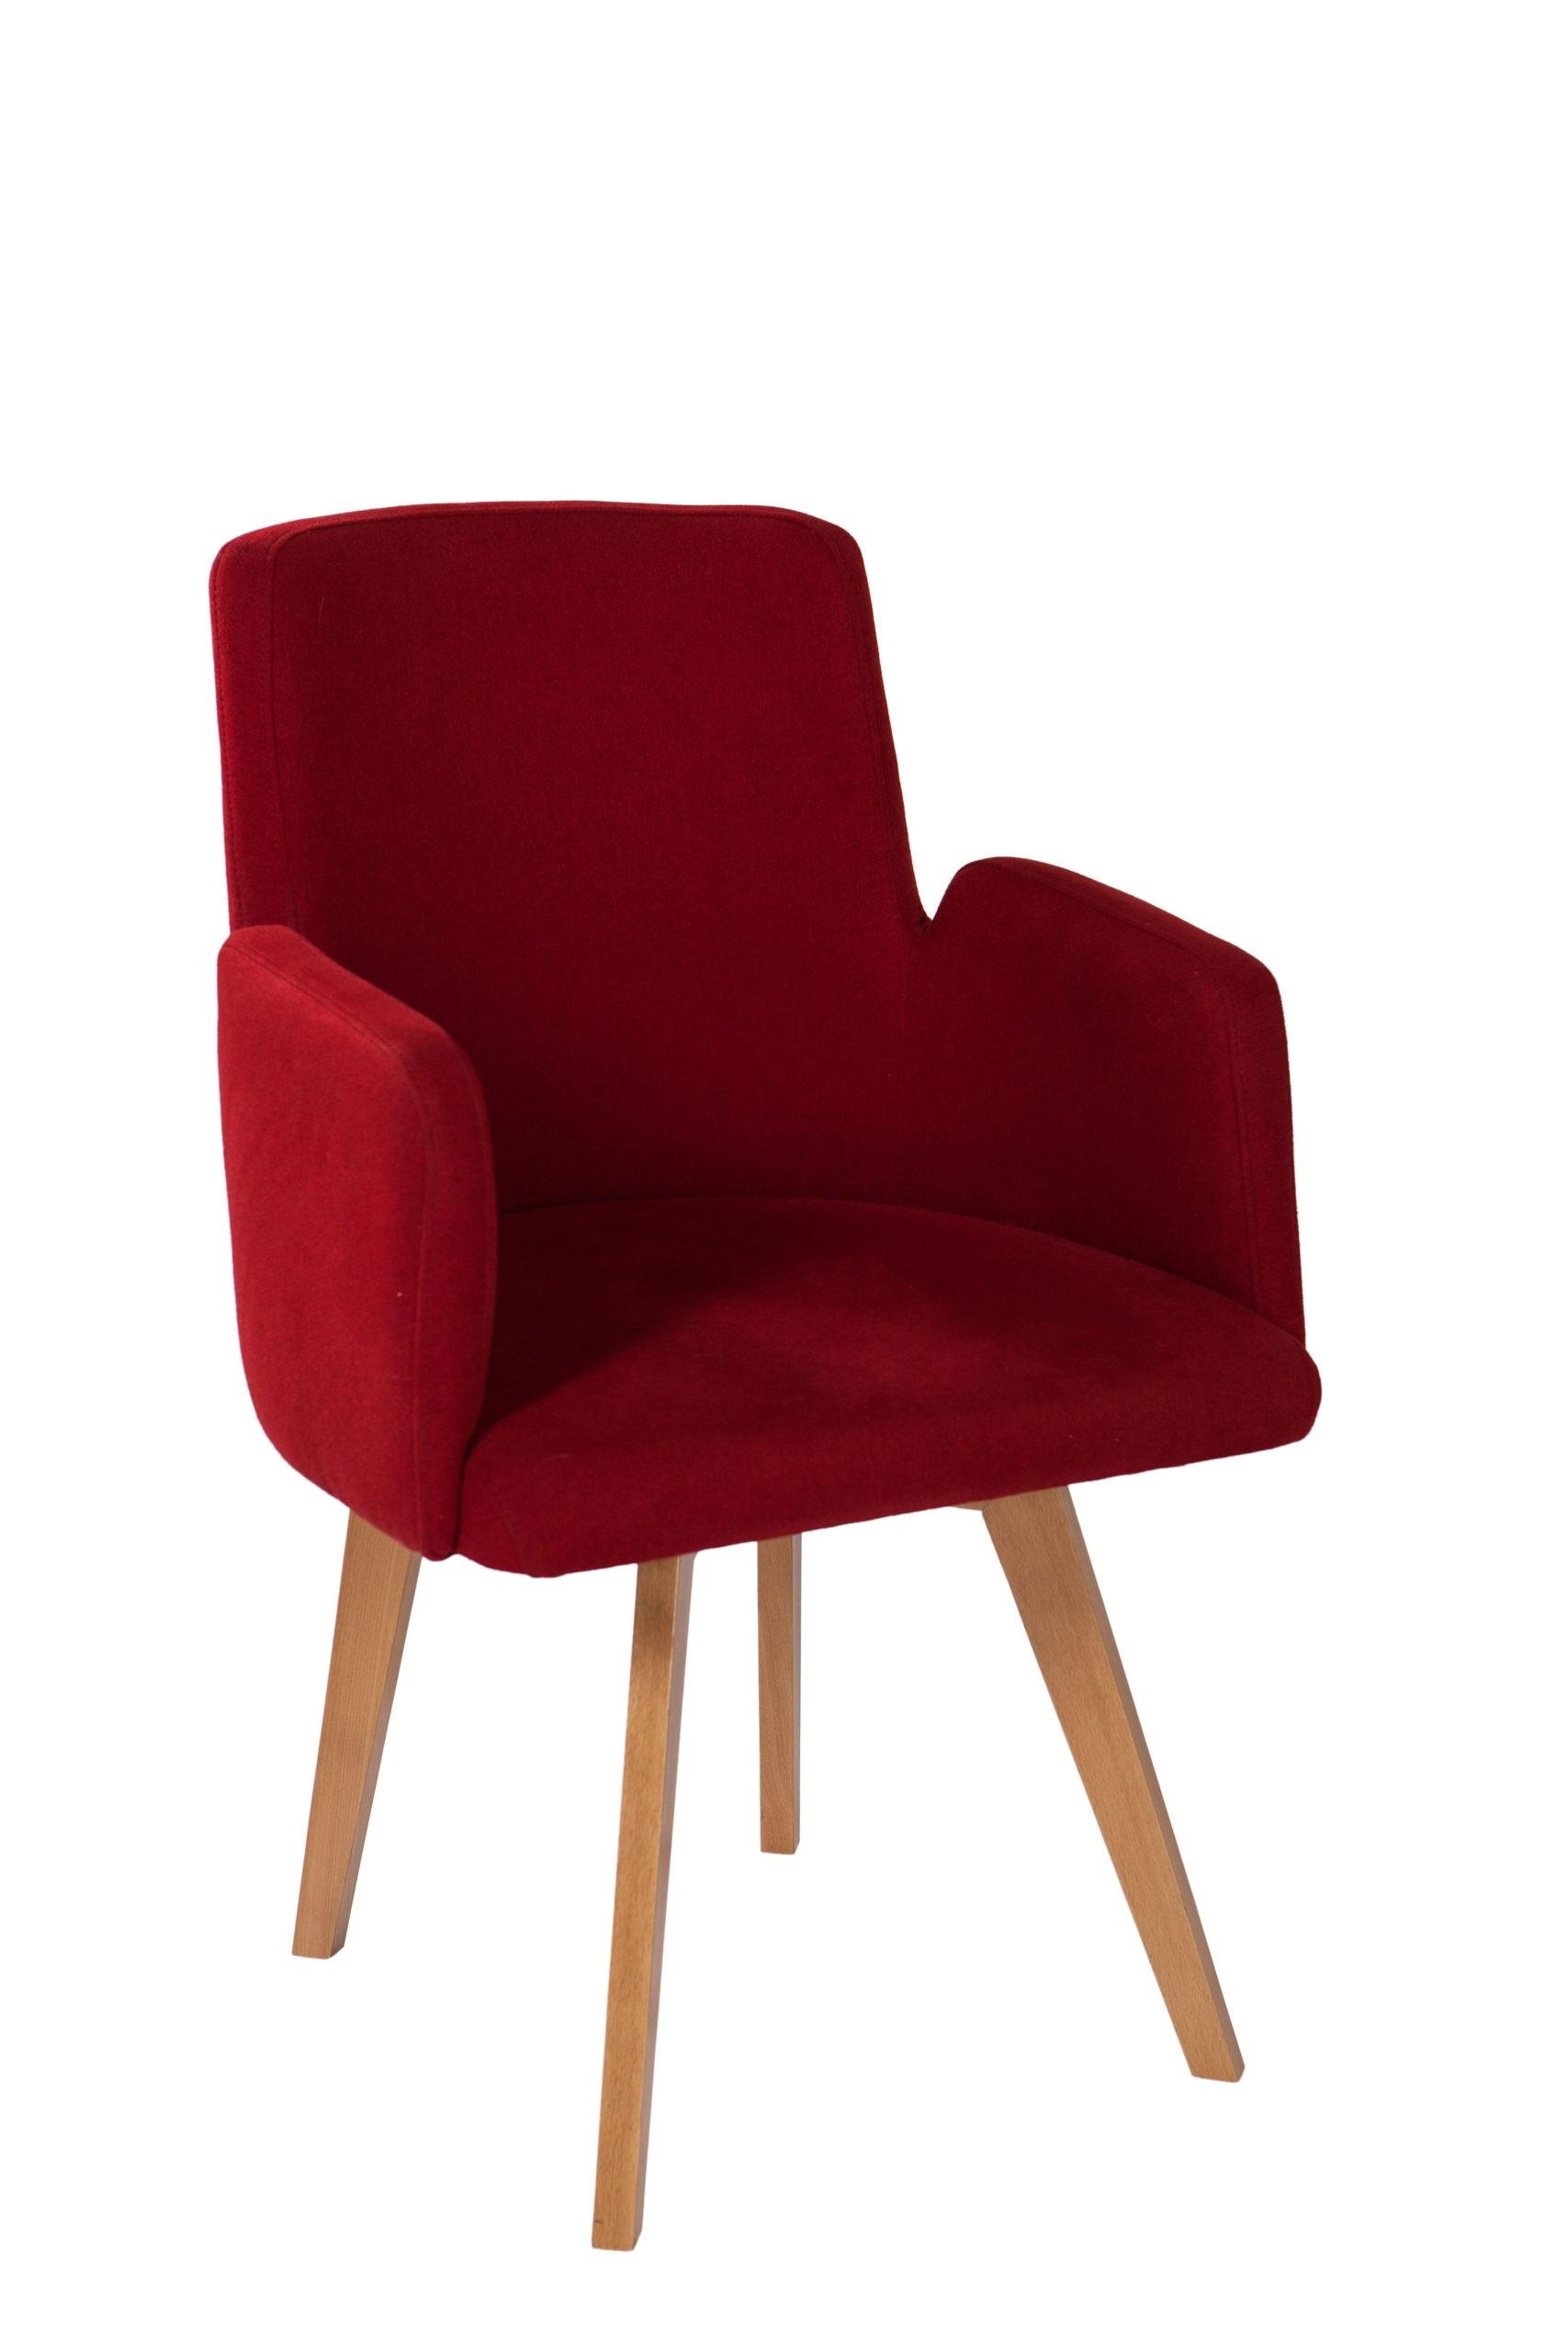 Krzesło tapicerowane KT 31 na drewnianym stelażu z podłokietnikami